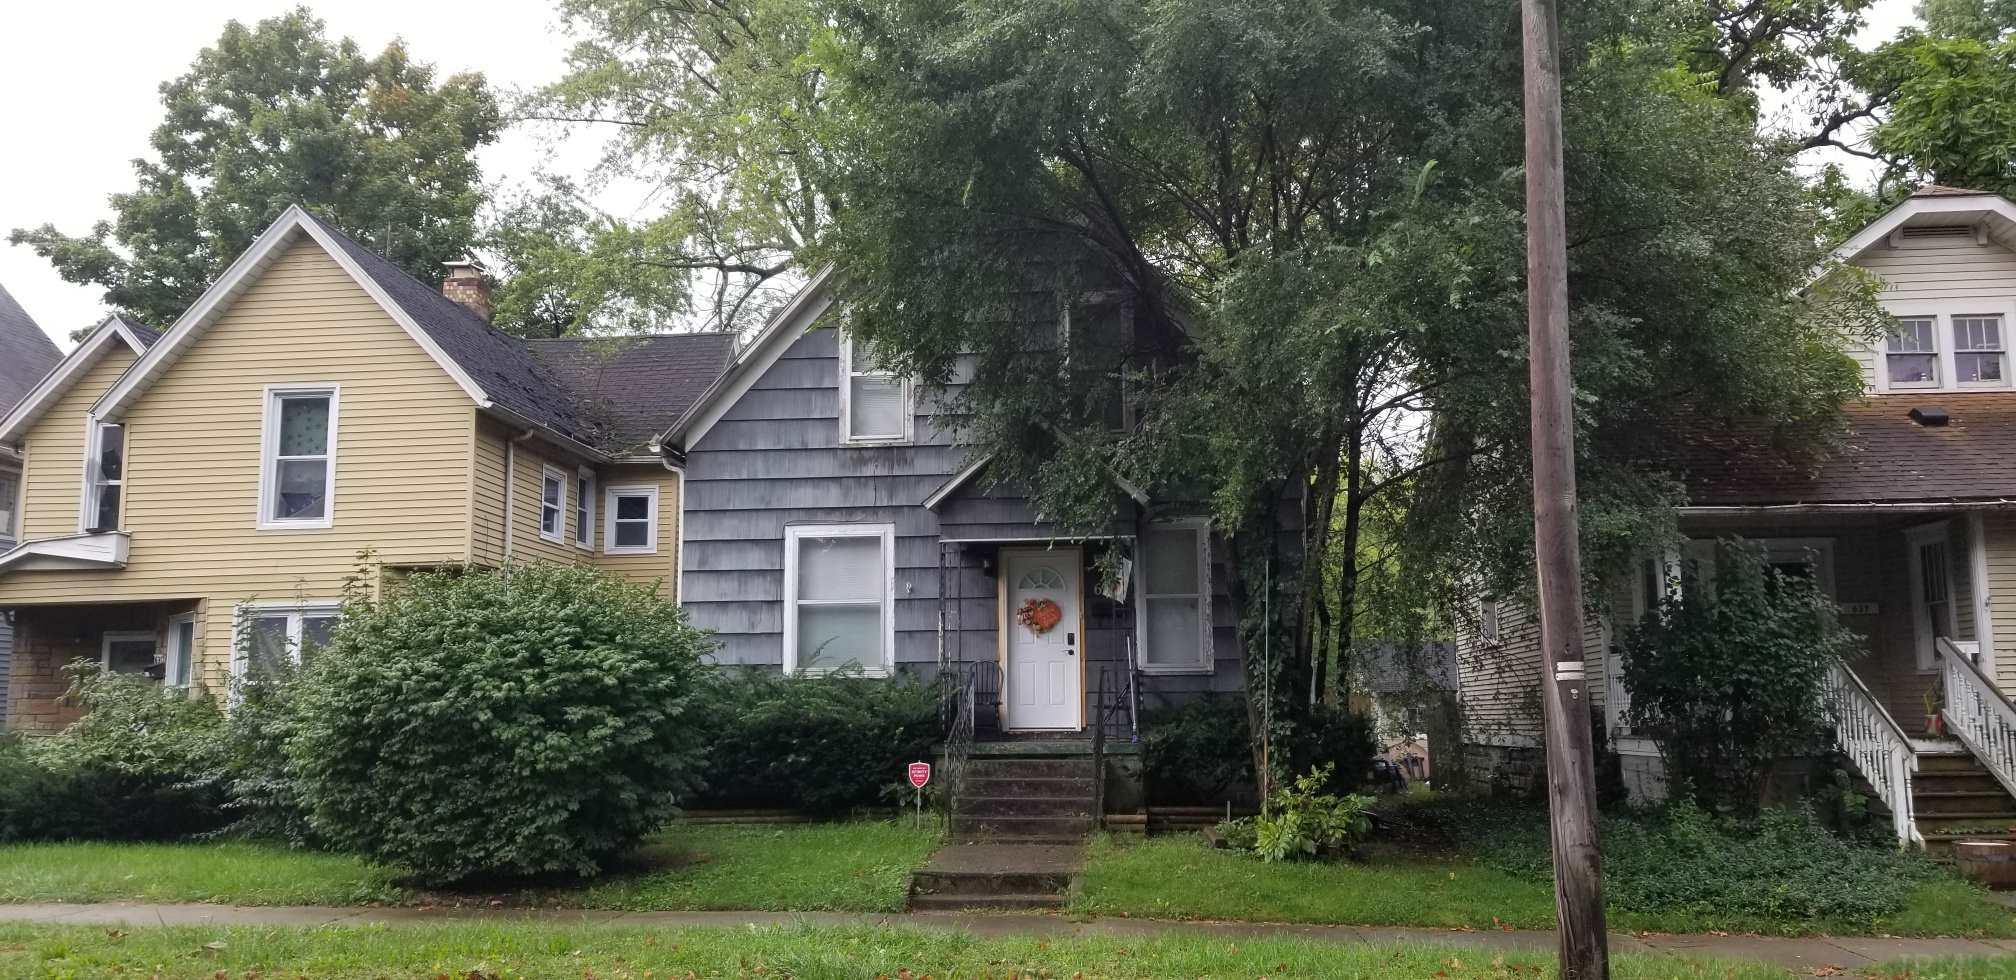 633 W Lexington Elkhart, IN 46514